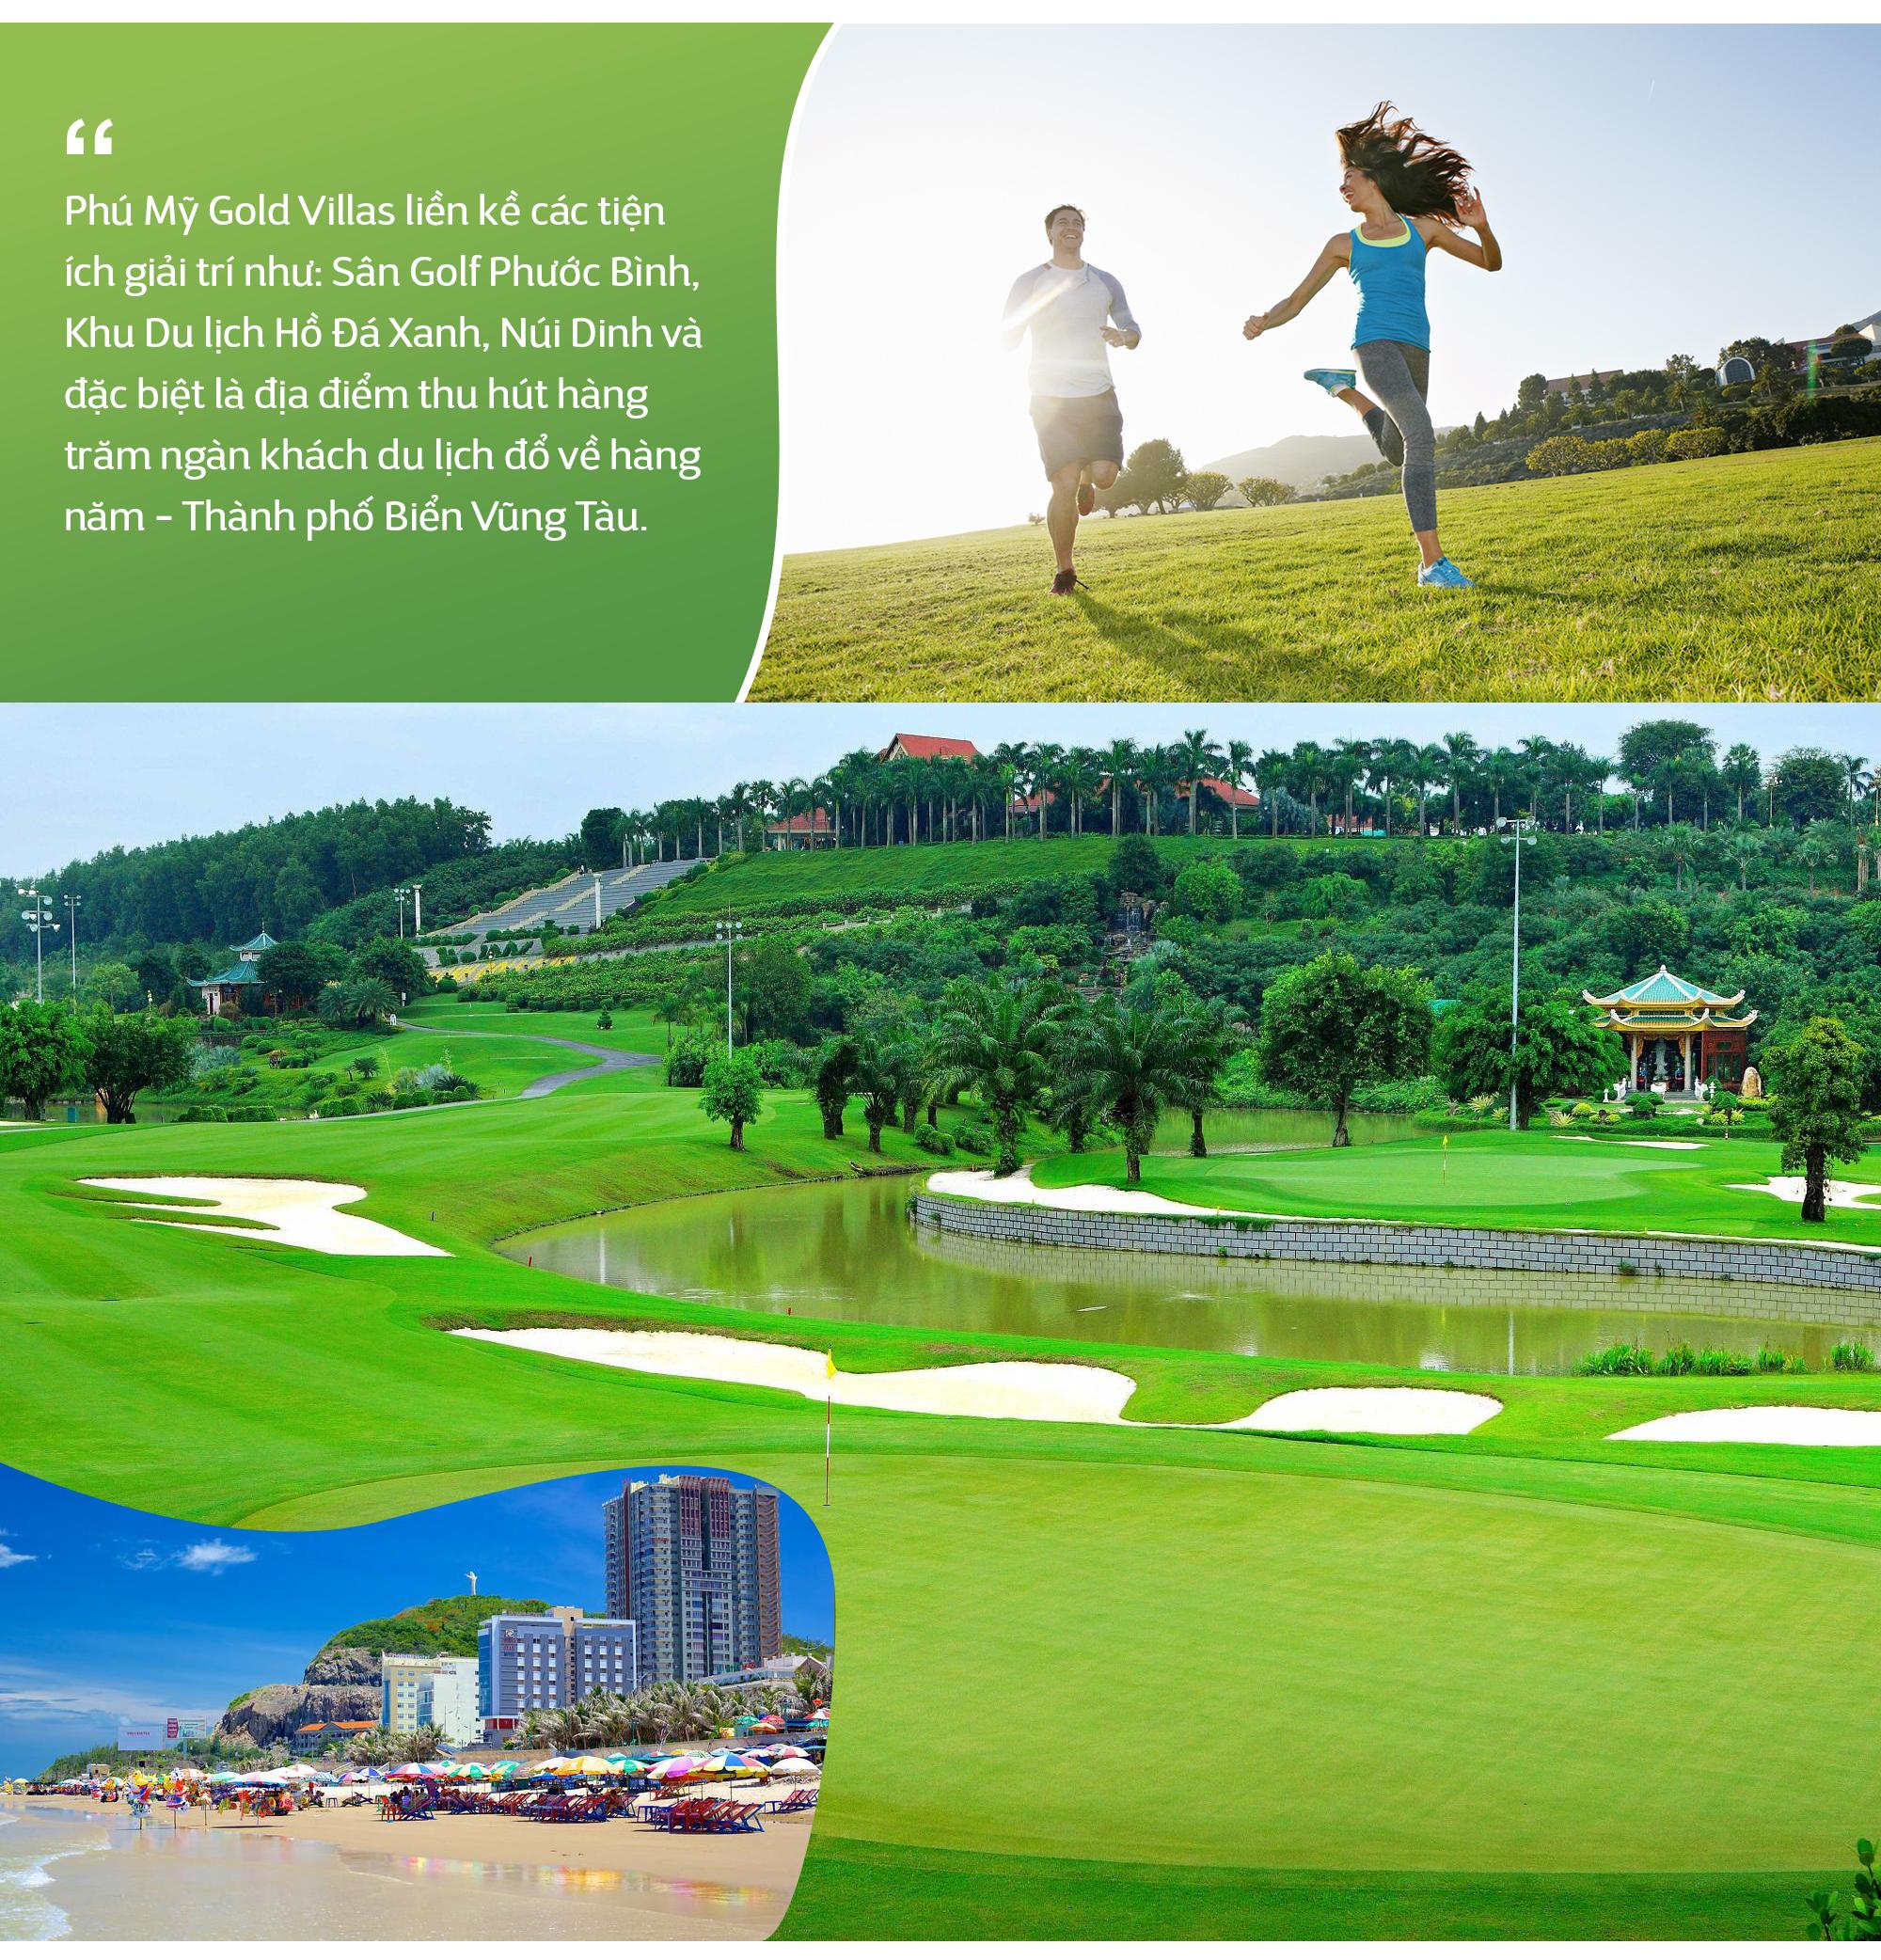 Khởi nguồn cảm xúc về một cuộc sống xanh ở Phú Mỹ Gold Villas – Điểm nhấn thị trường BĐS BR-VT - Ảnh 5.